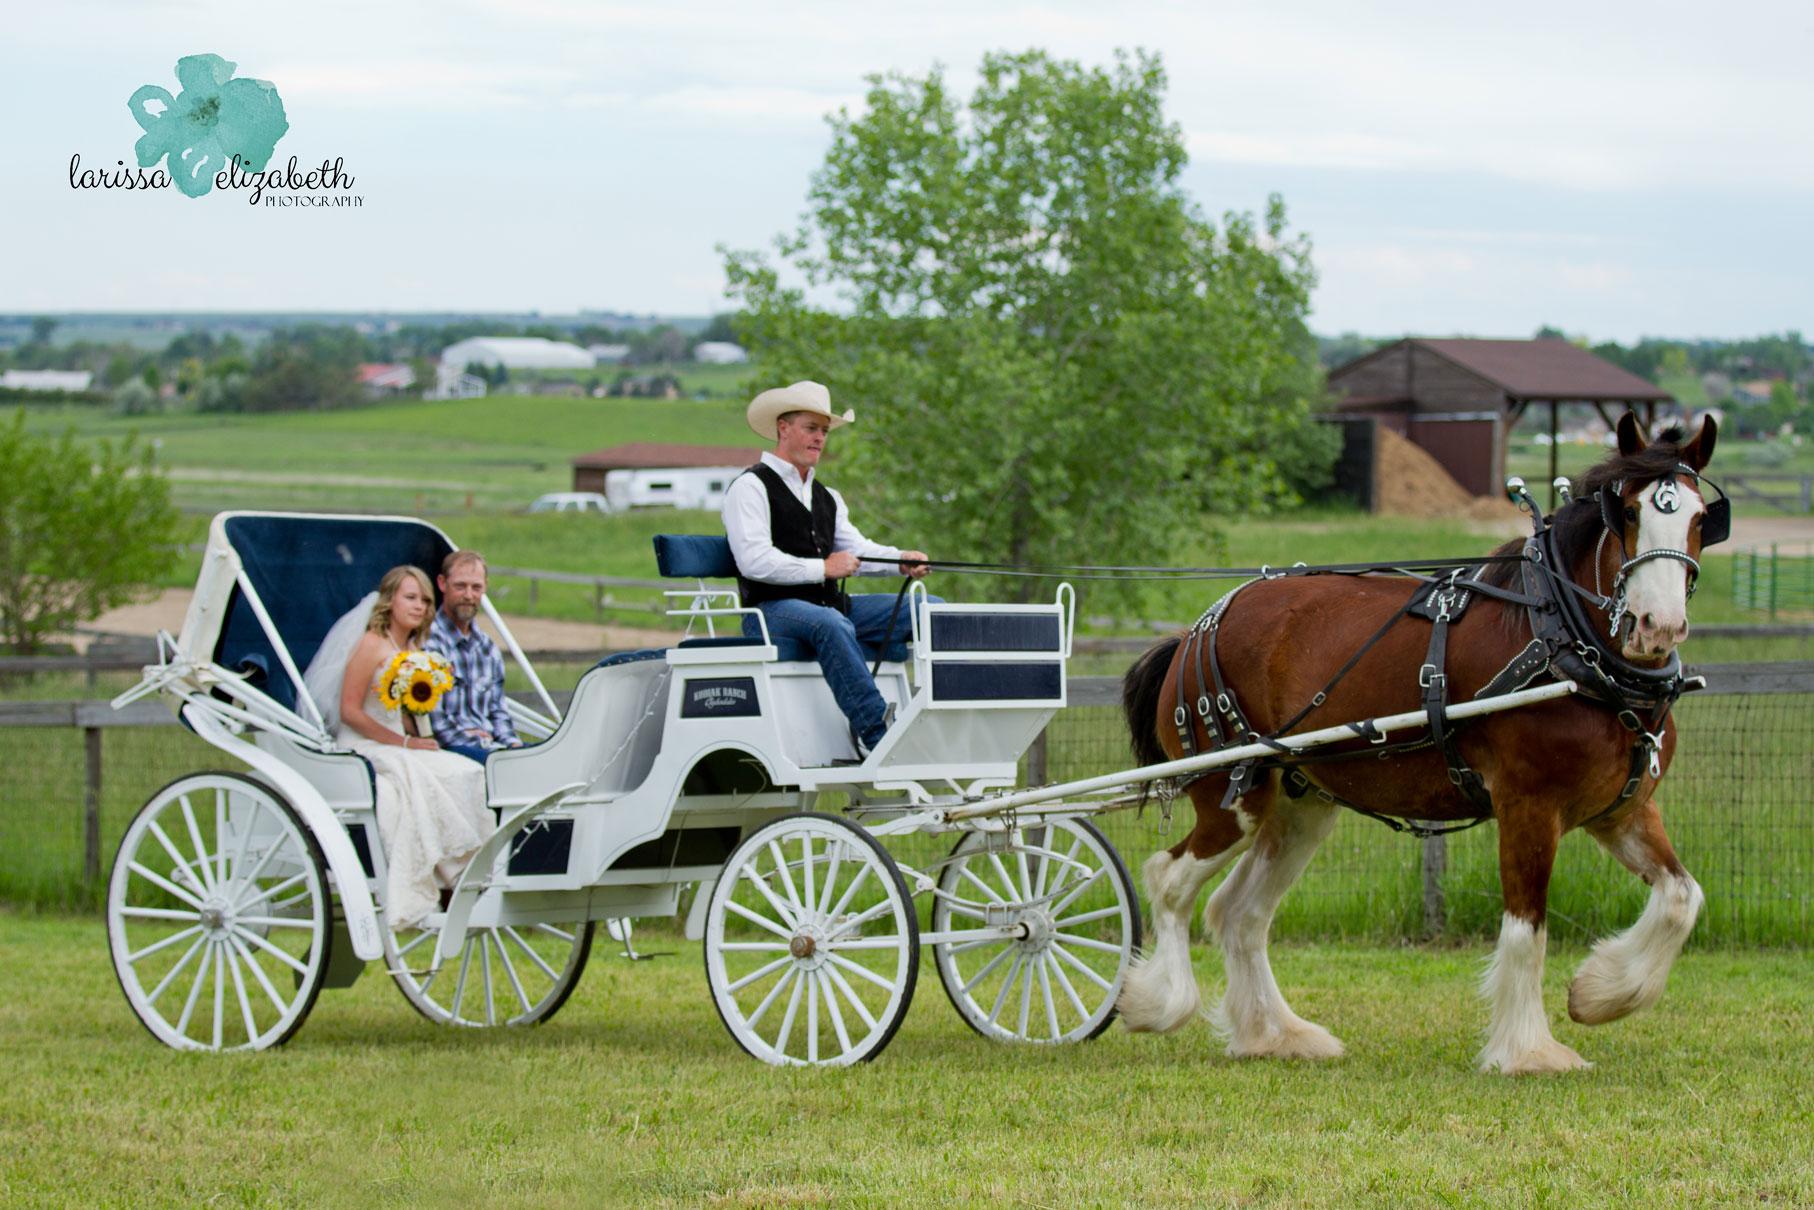 Colorado-Country-Wedding-4.jpg